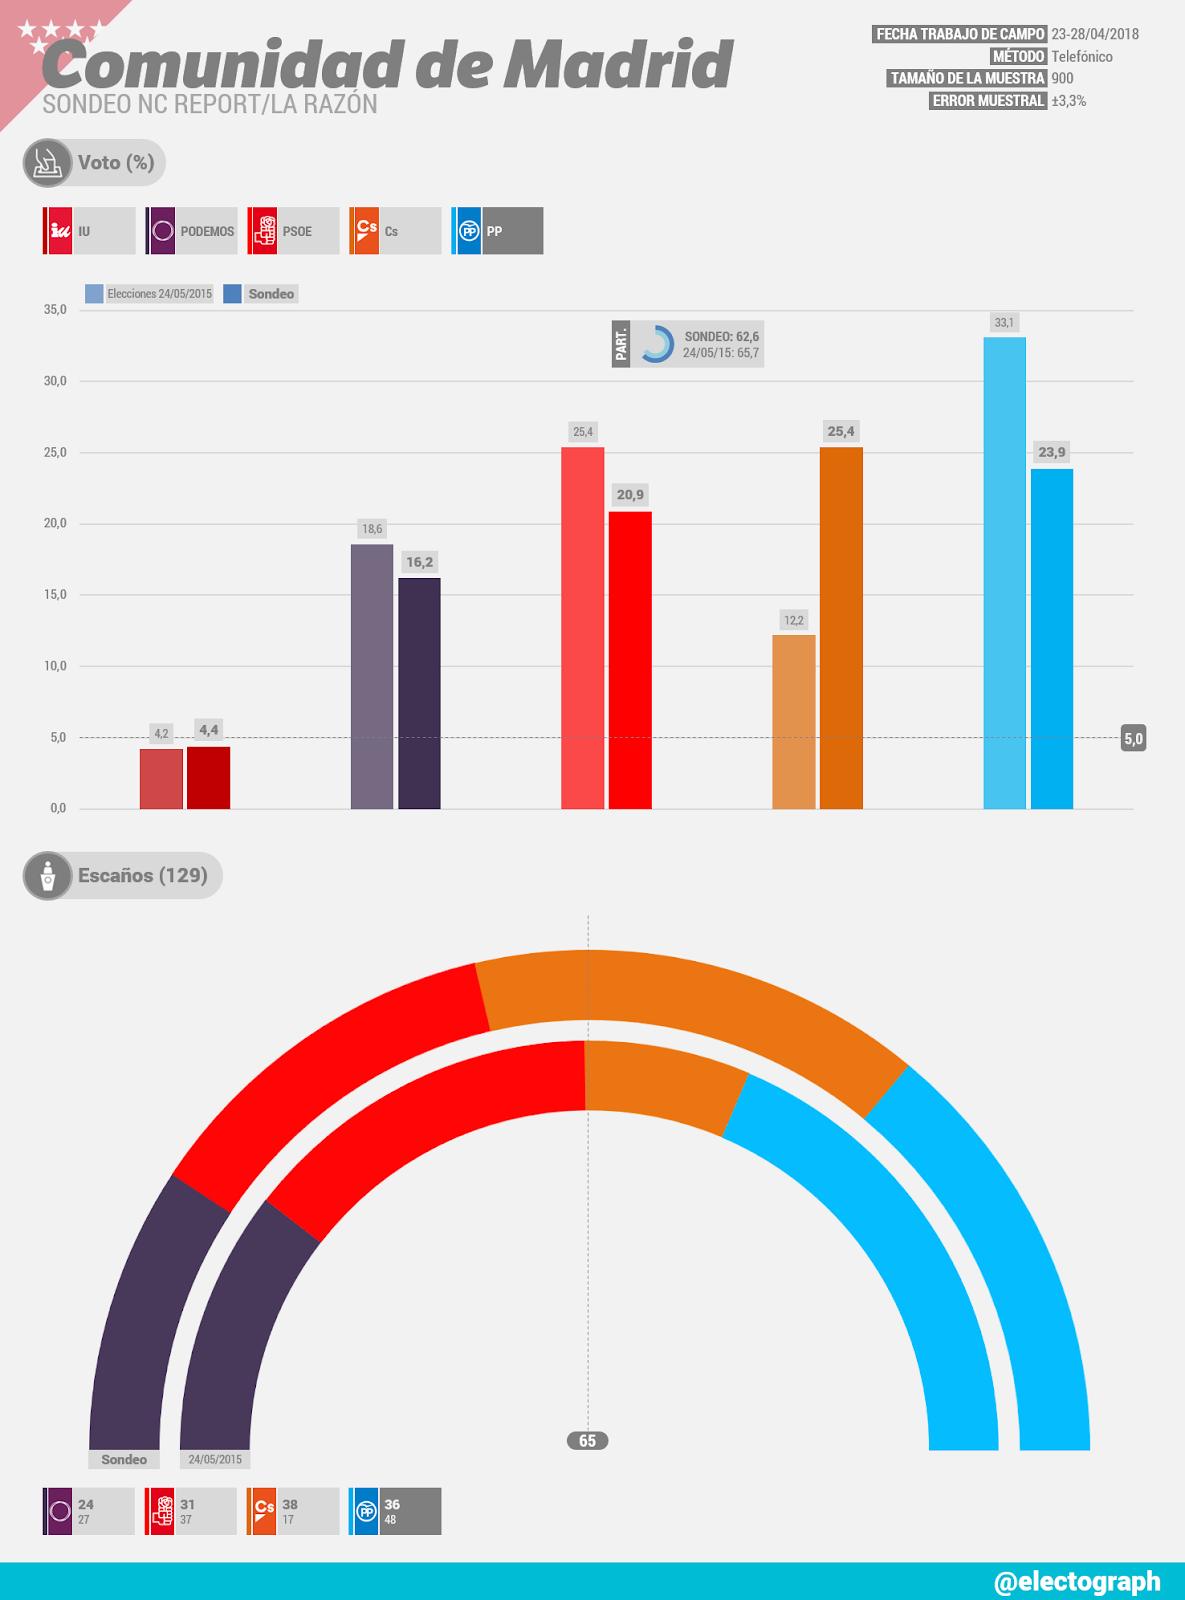 Gráfico de la encuesta para elecciones autonómicas en la Comunidad de Madrid realizada por NC Report para La Razón en abril de 2018